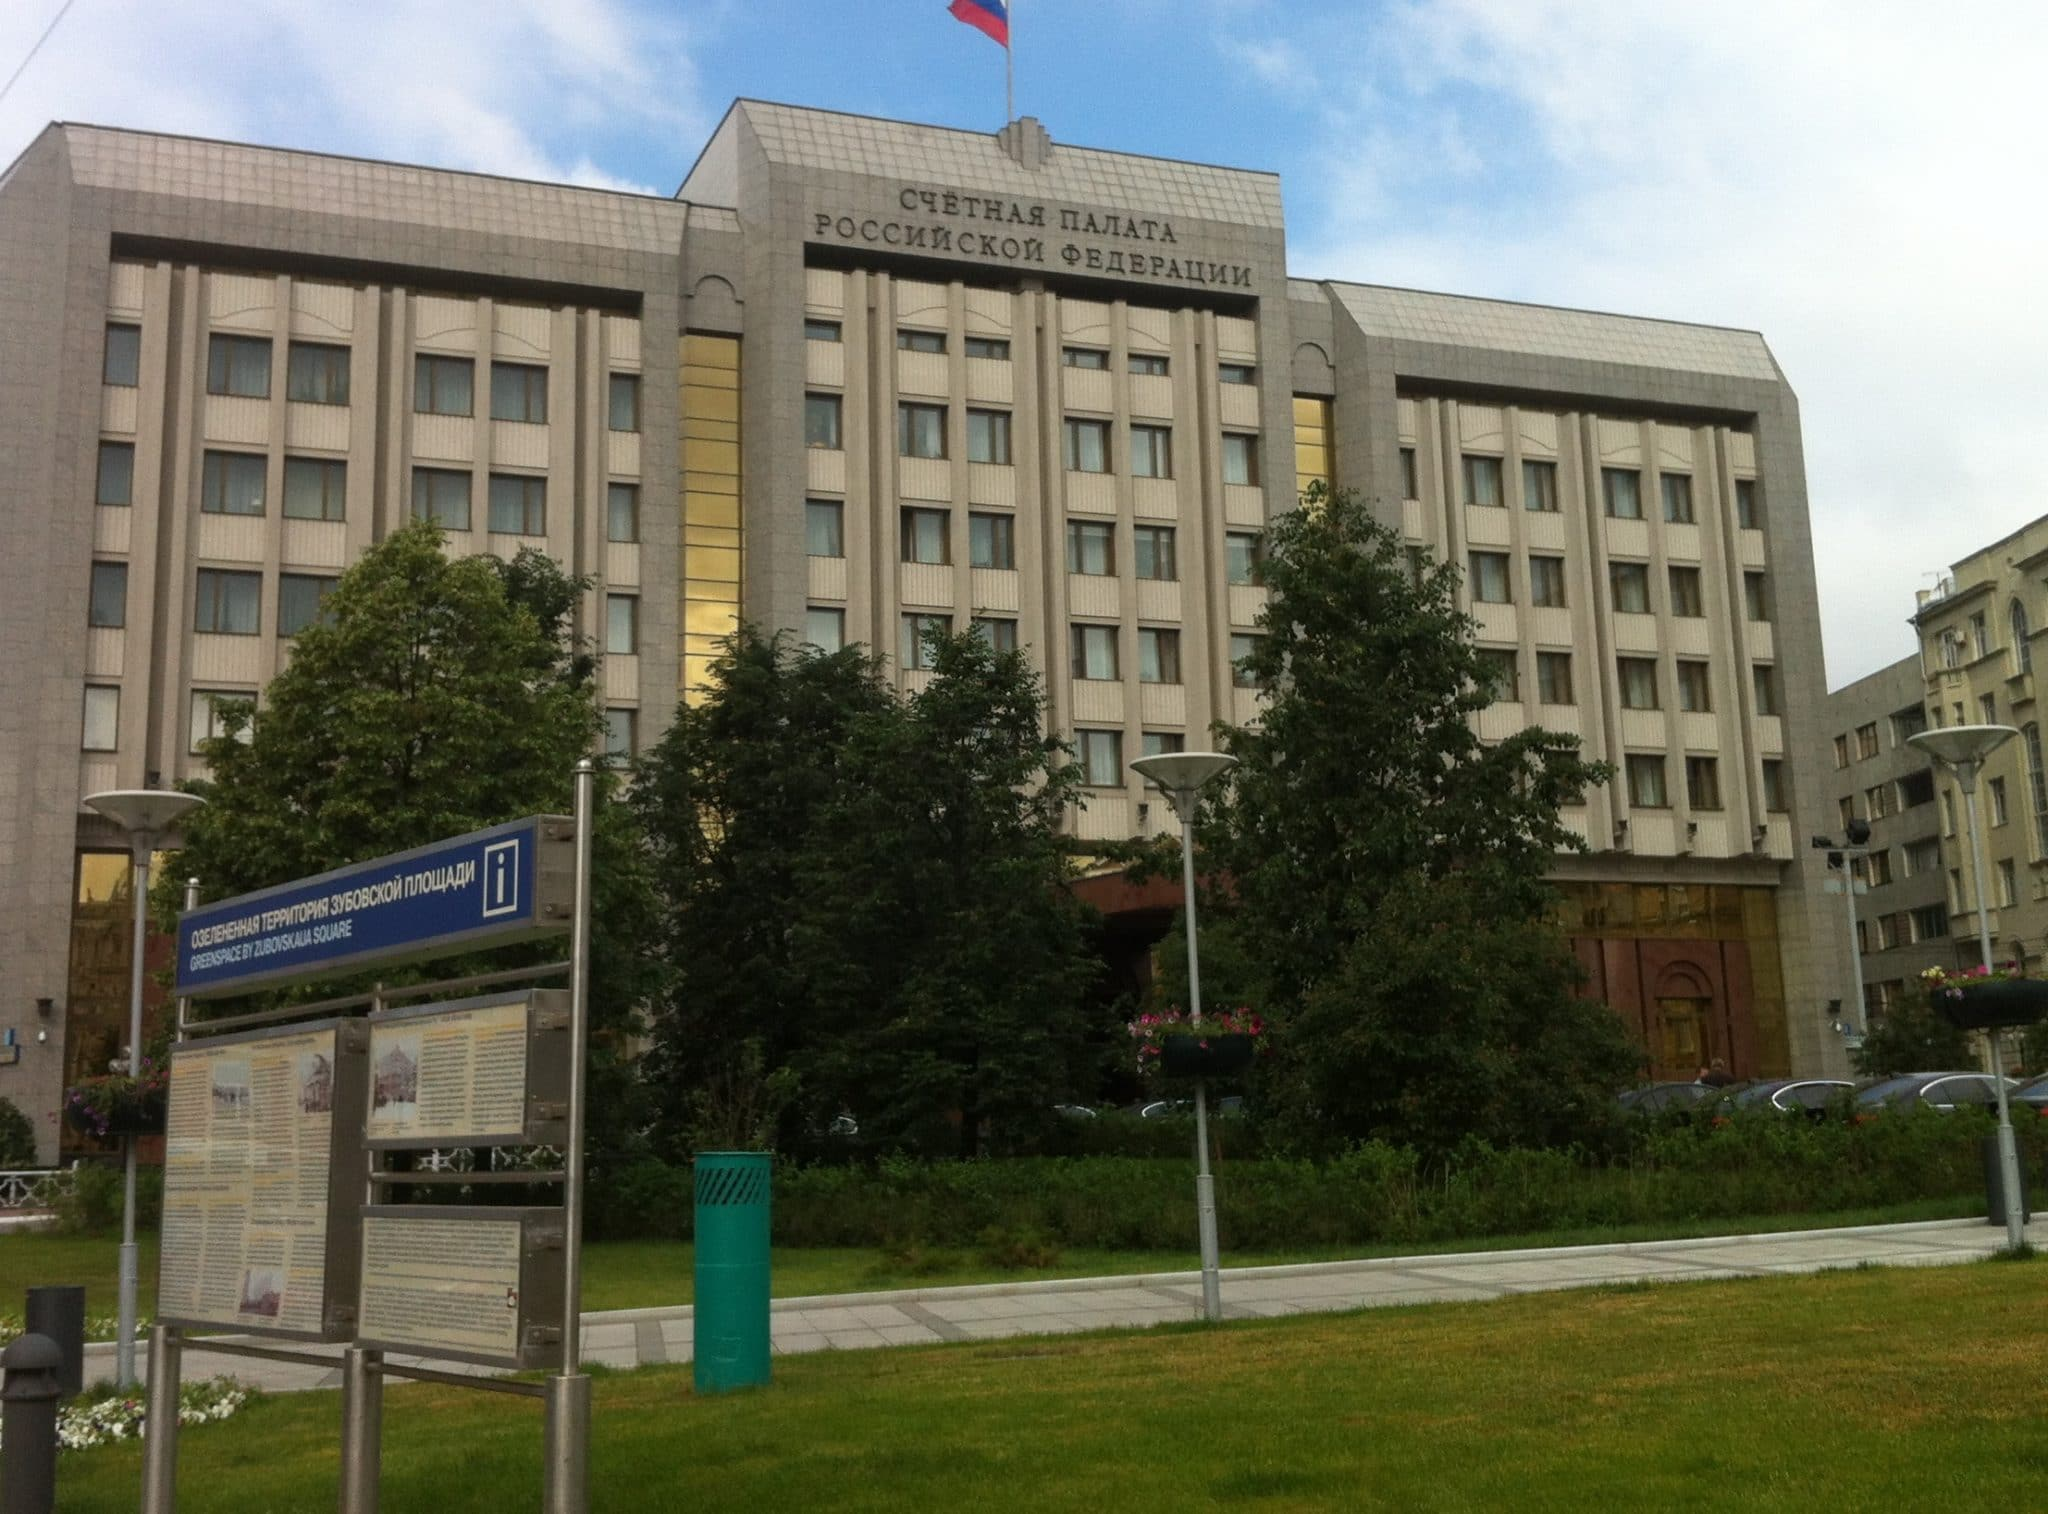 Прорыва можно не ждать. Счетная палата продолжает критиковать национальные проекты и ход их реализации